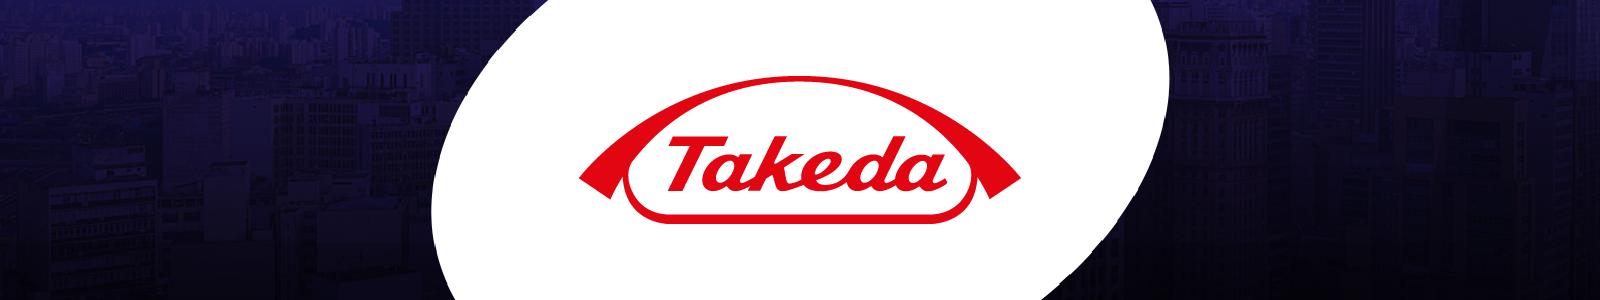 banner-takeda